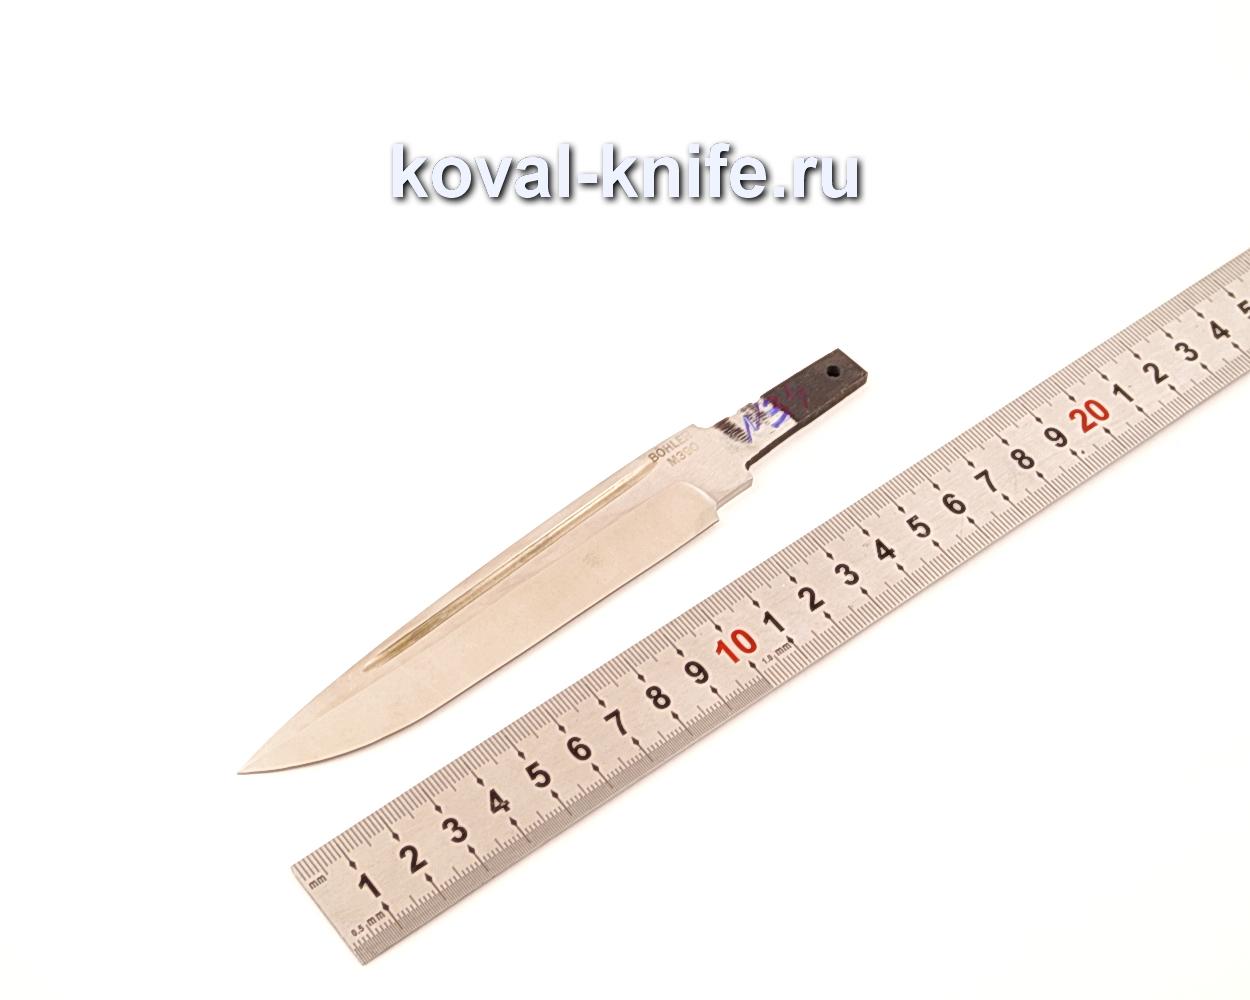 Клинок для ножа из порошковой стали Bohler M390 N34